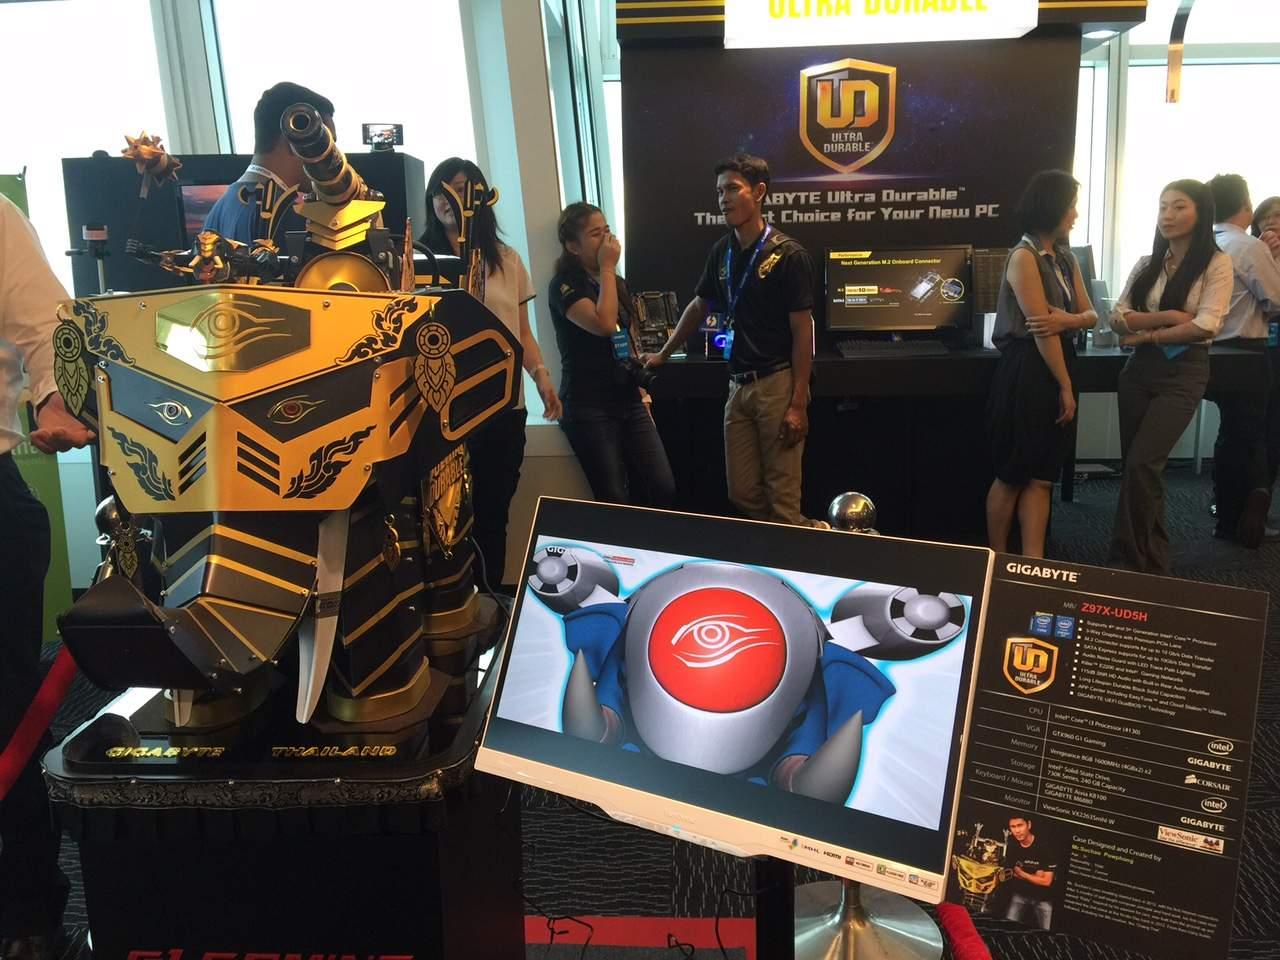 Kolaborasi ViewSonic dan Gigabyte Hadirkan Solusi Gaming Terbaik